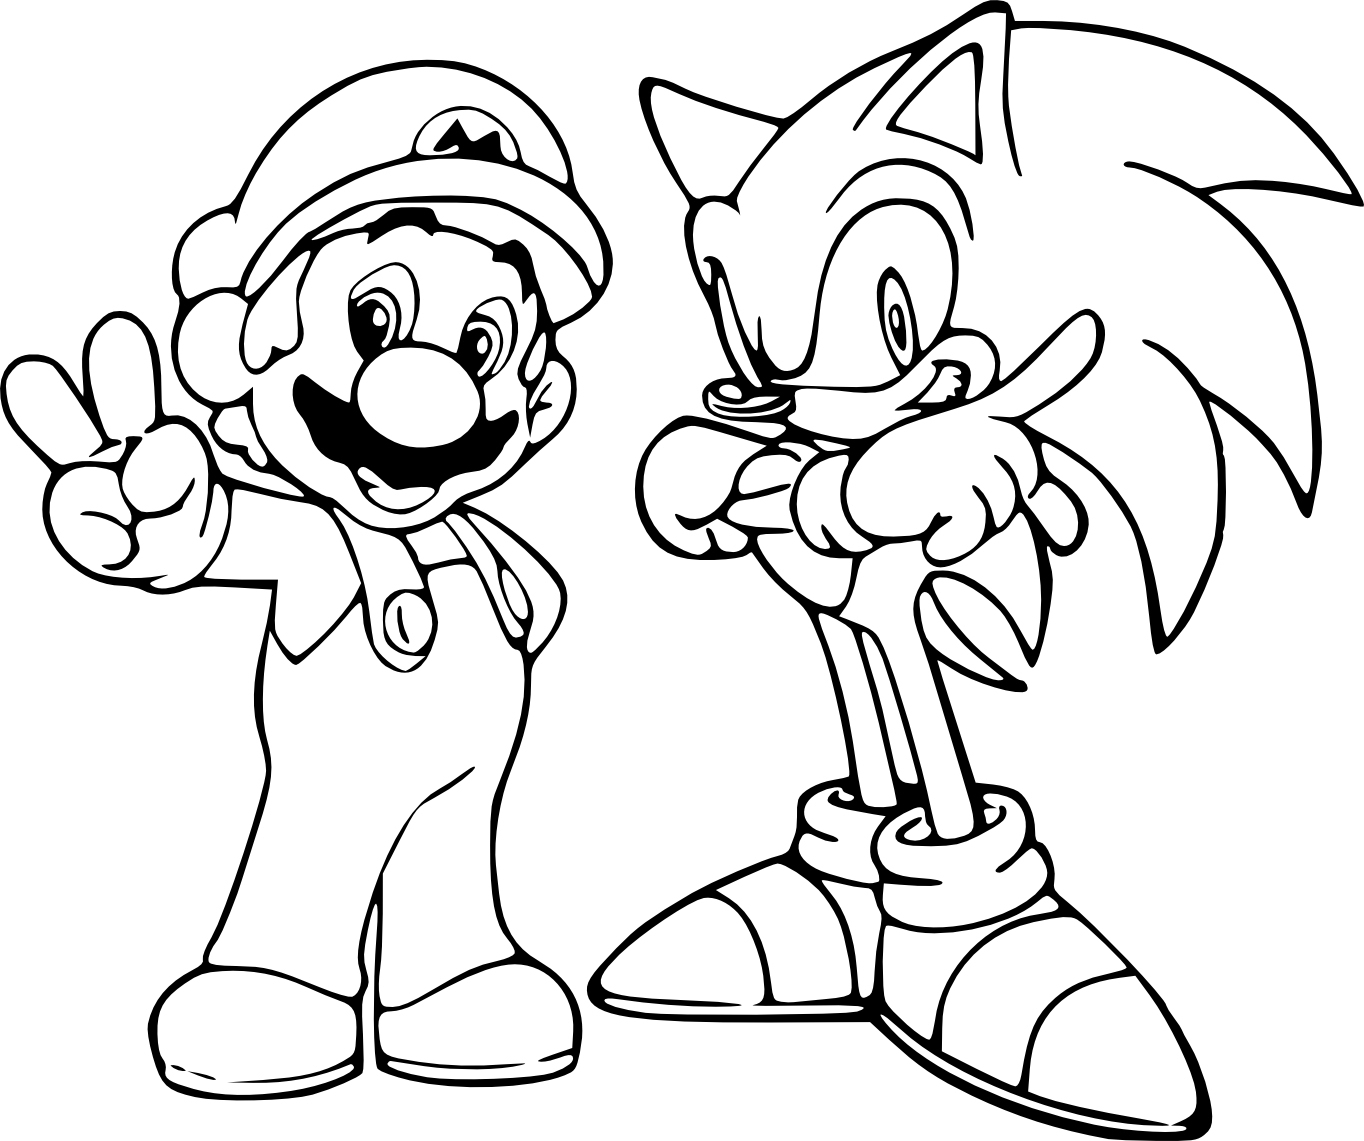 Coloriage De Sonic Et Mario À Imprimer dedans Coloriage Mario